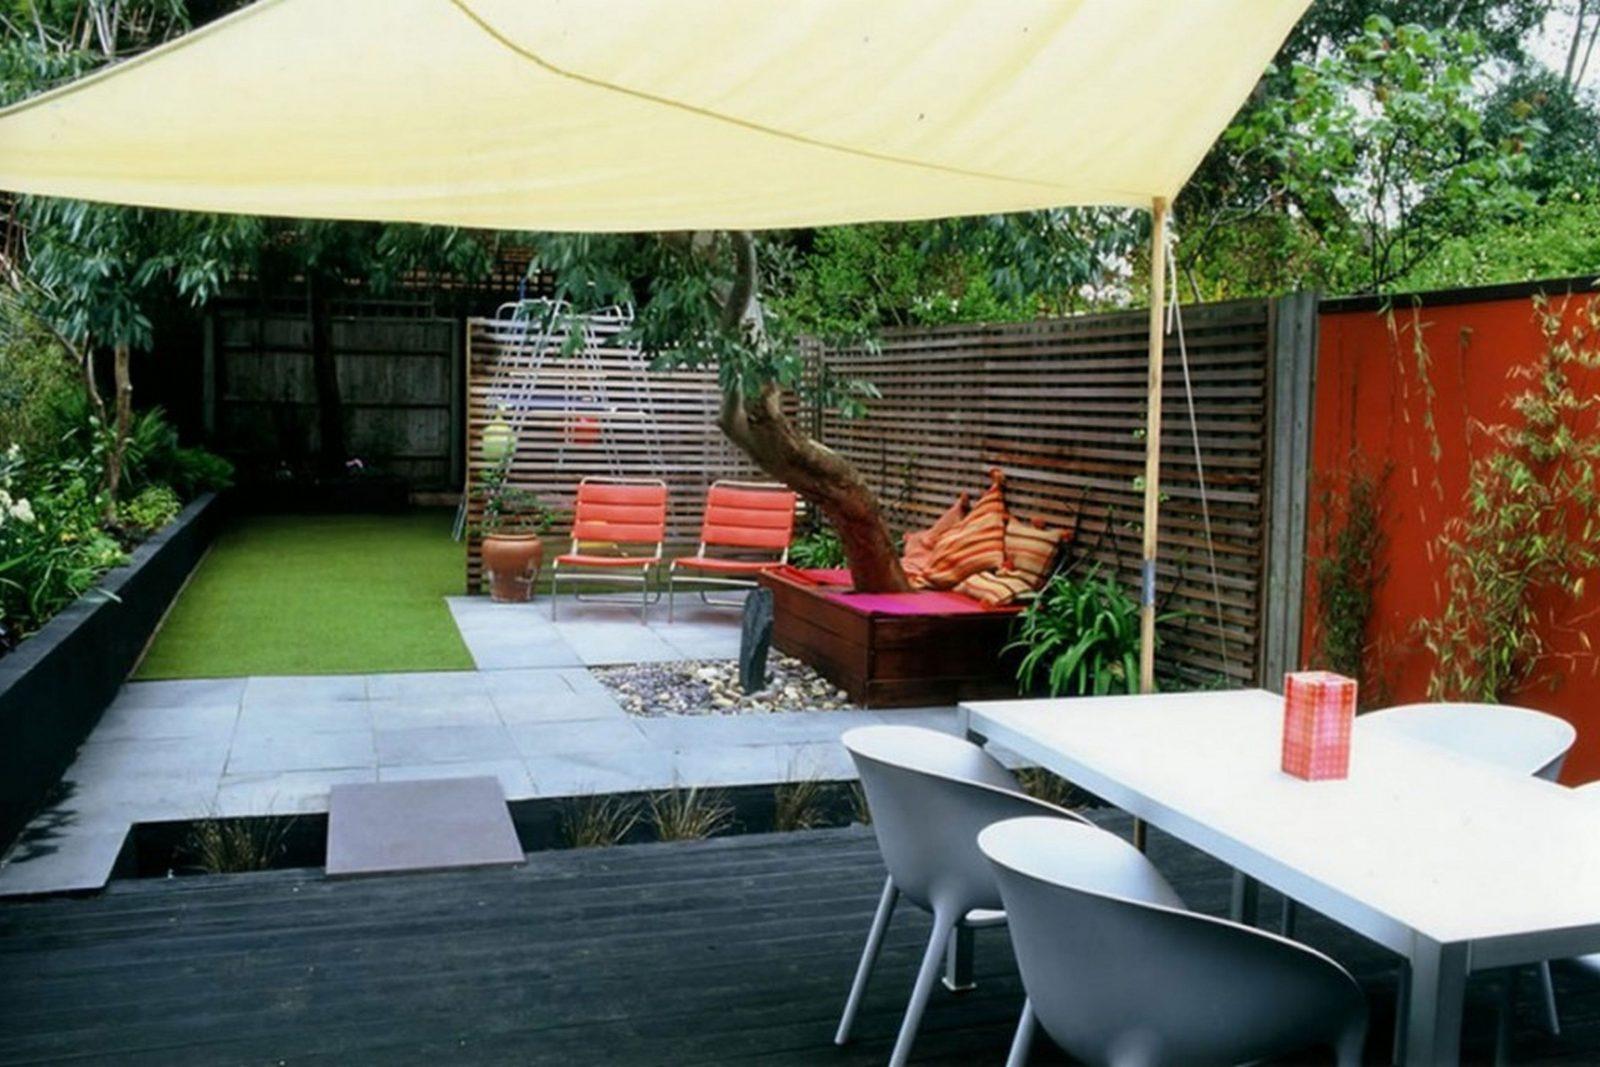 Gartengestaltung Mit Sitzecke  Freshouse von Kleine Sitzecke Im Garten Bild